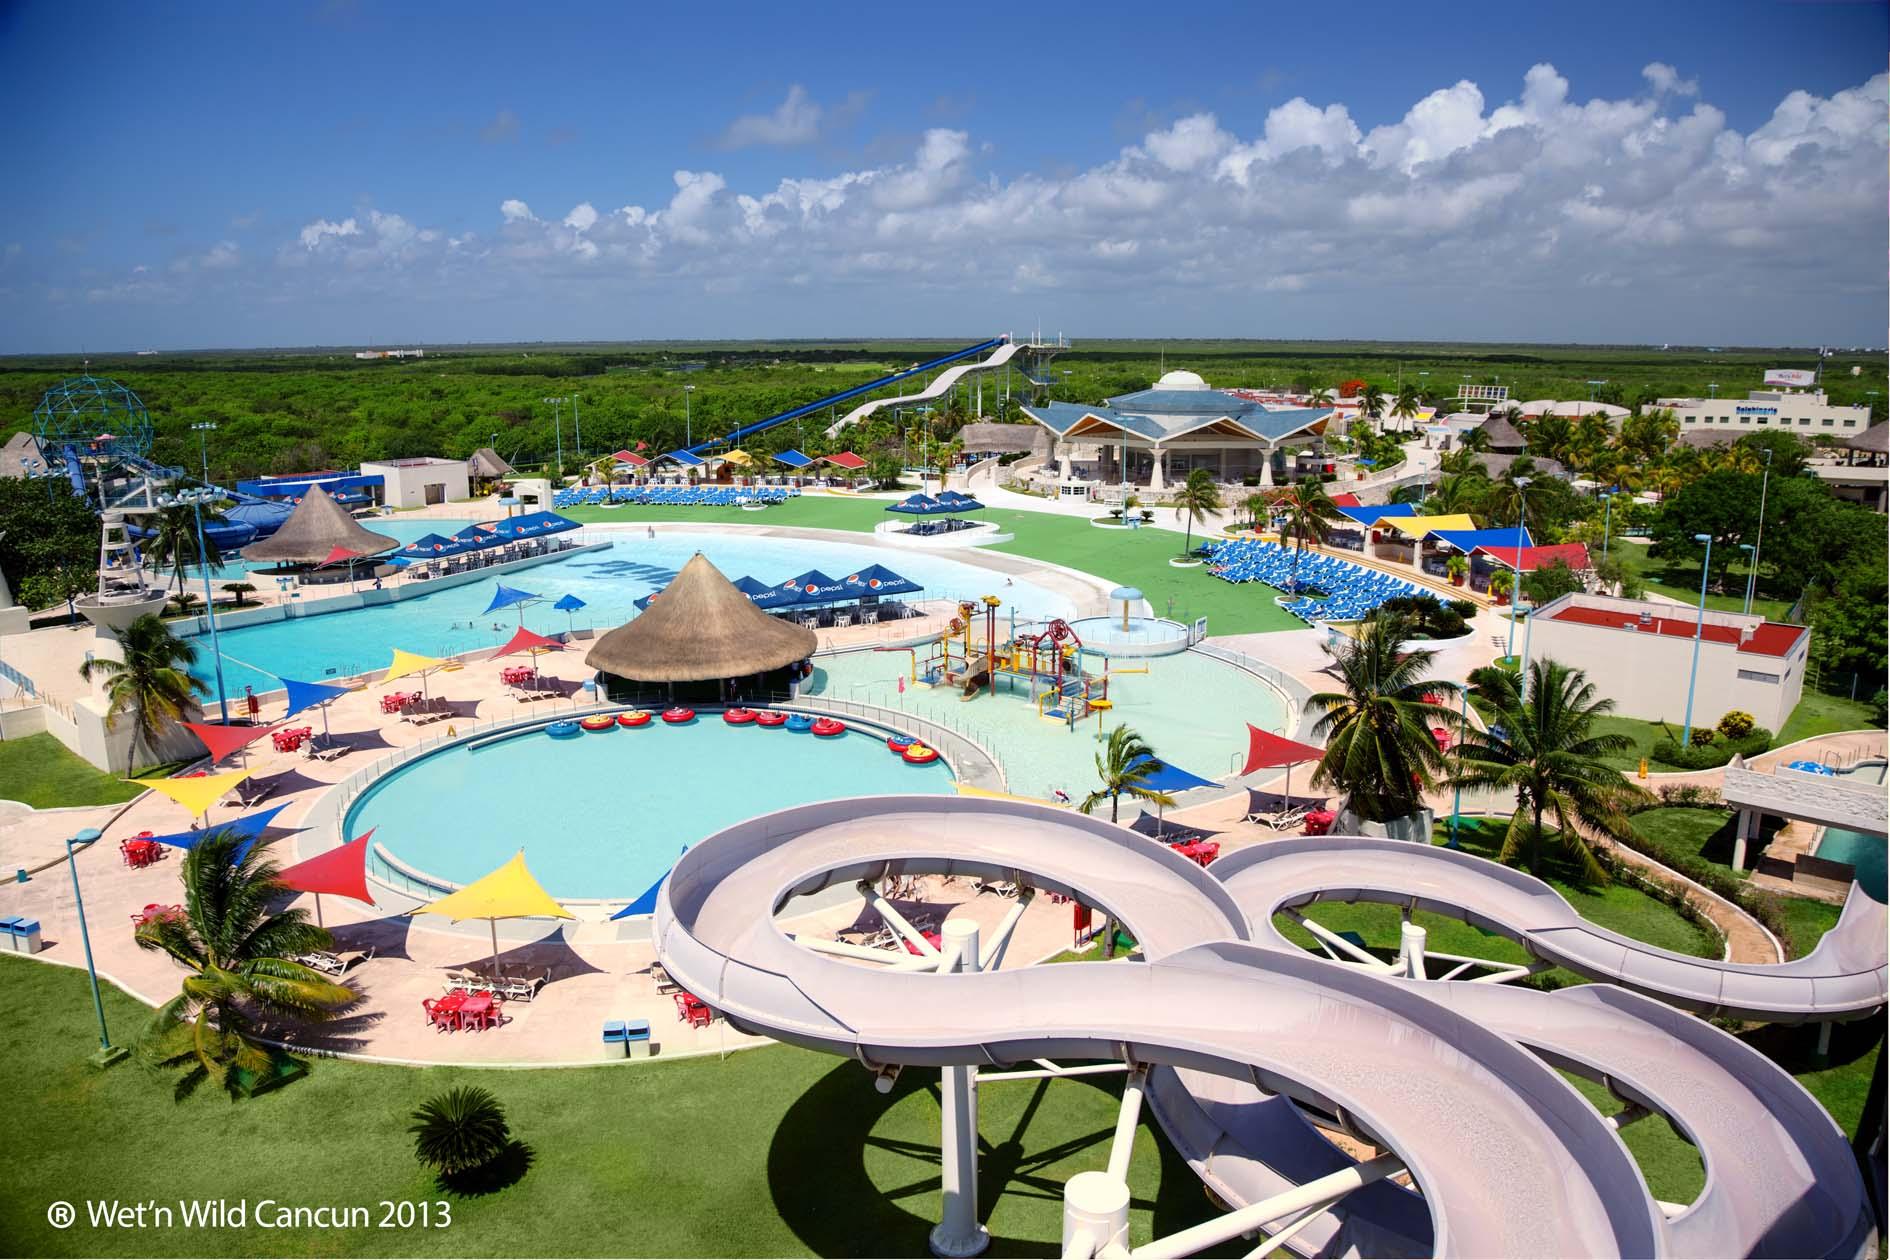 parques de cancun